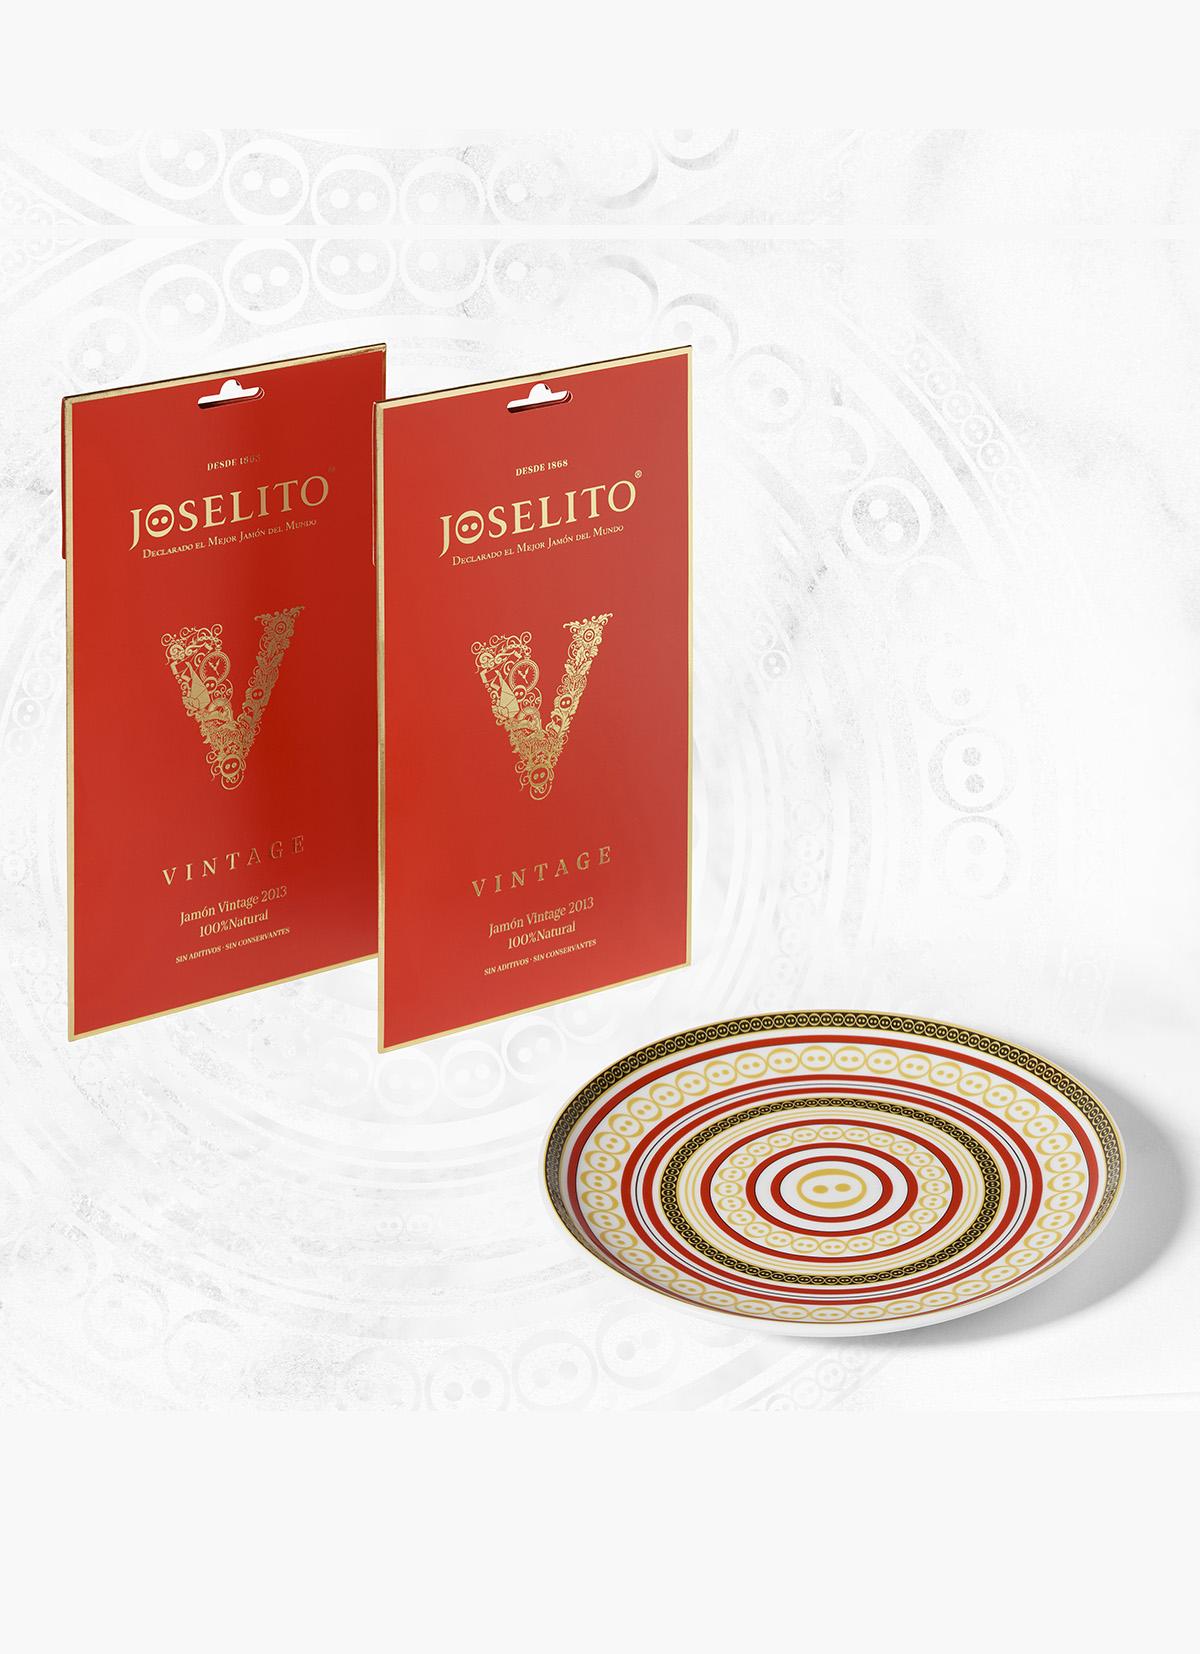 joselito-vista-alegre-loncheado-web-vertical.jpg